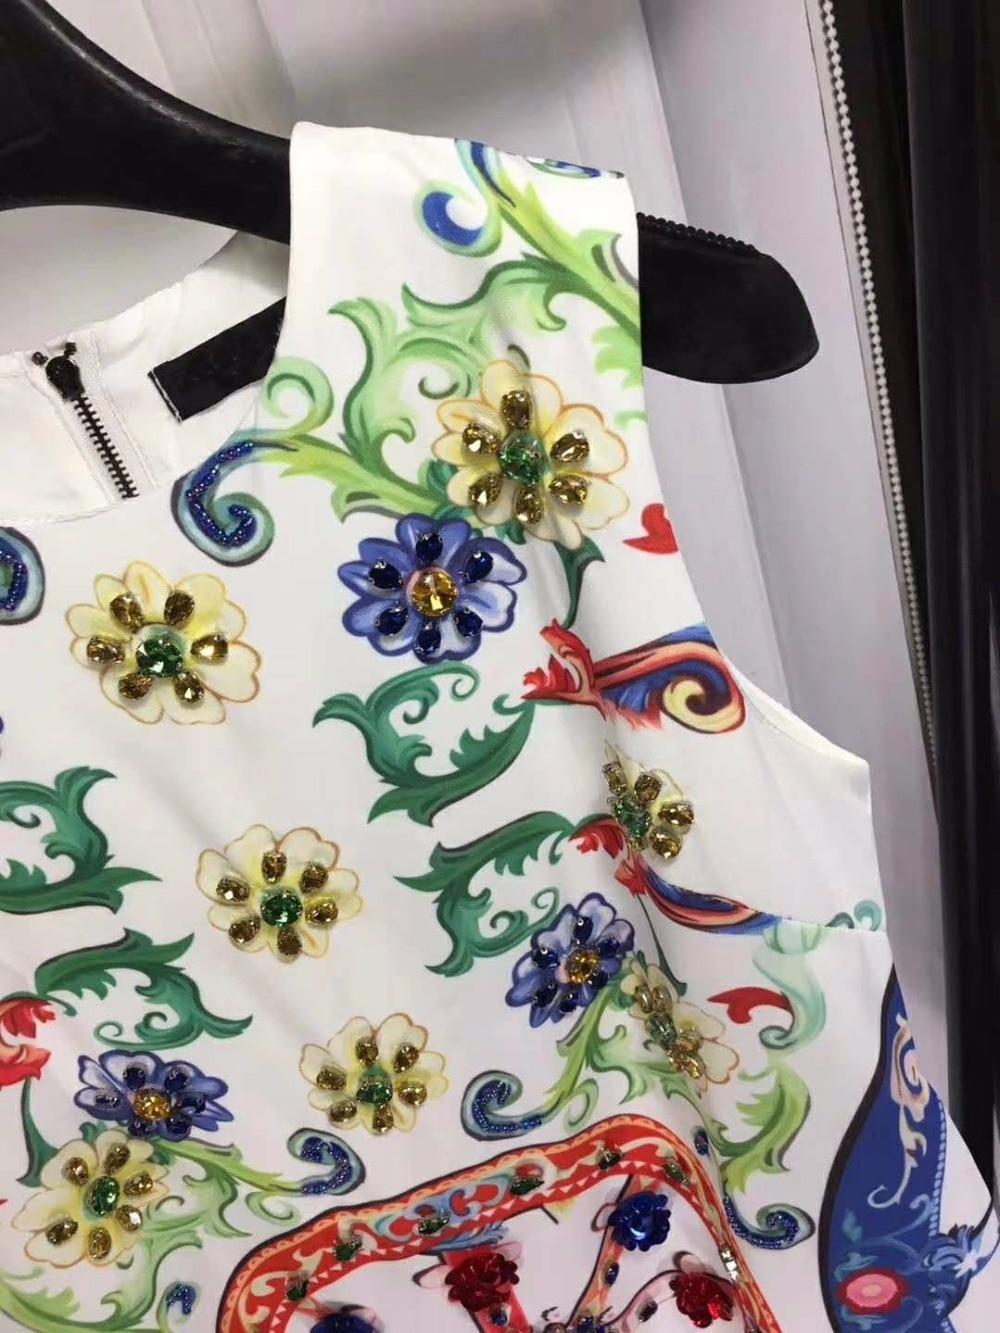 Vestidos verano 2018 mode poupée style décontracté floral robe mignon bureau mini robes pour femmes été vintage roupas feminina - 5